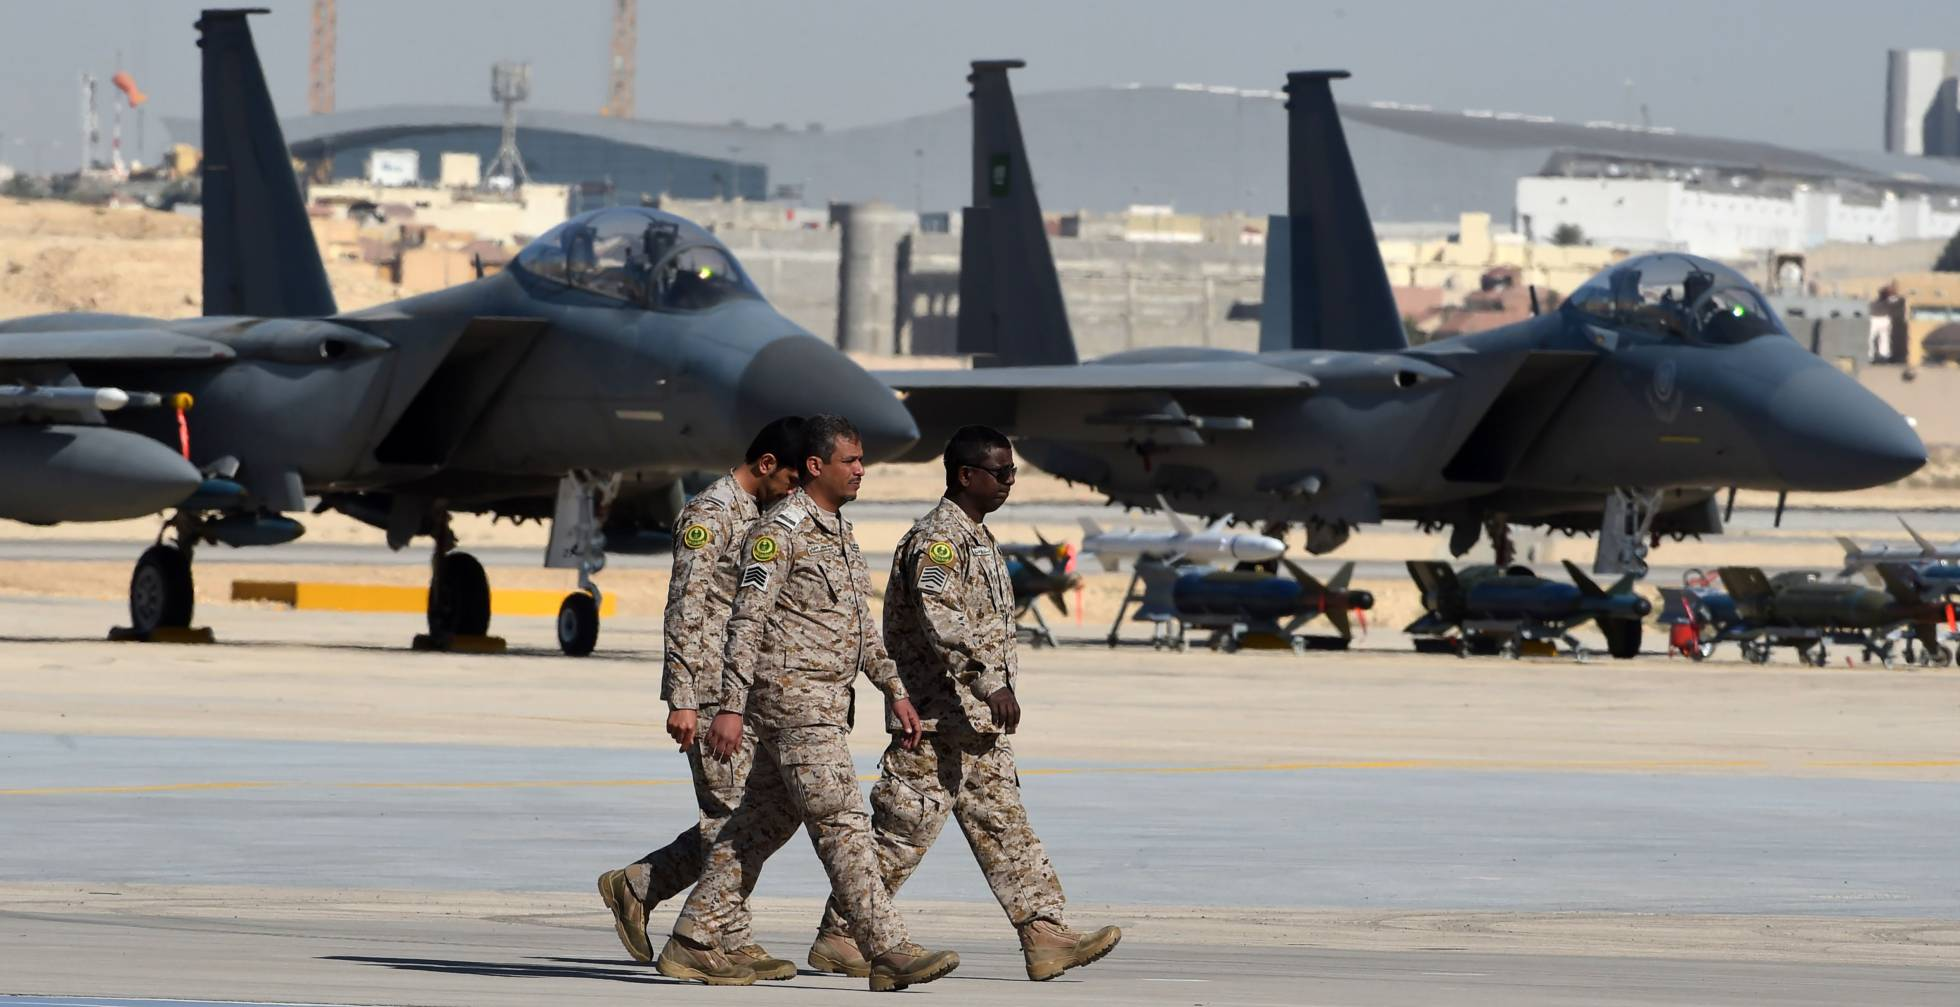 Gasto militar en el Mundo.Noticias y comentarios. - Página 5 1487348752_442272_1487359054_noticia_normal_recorte1